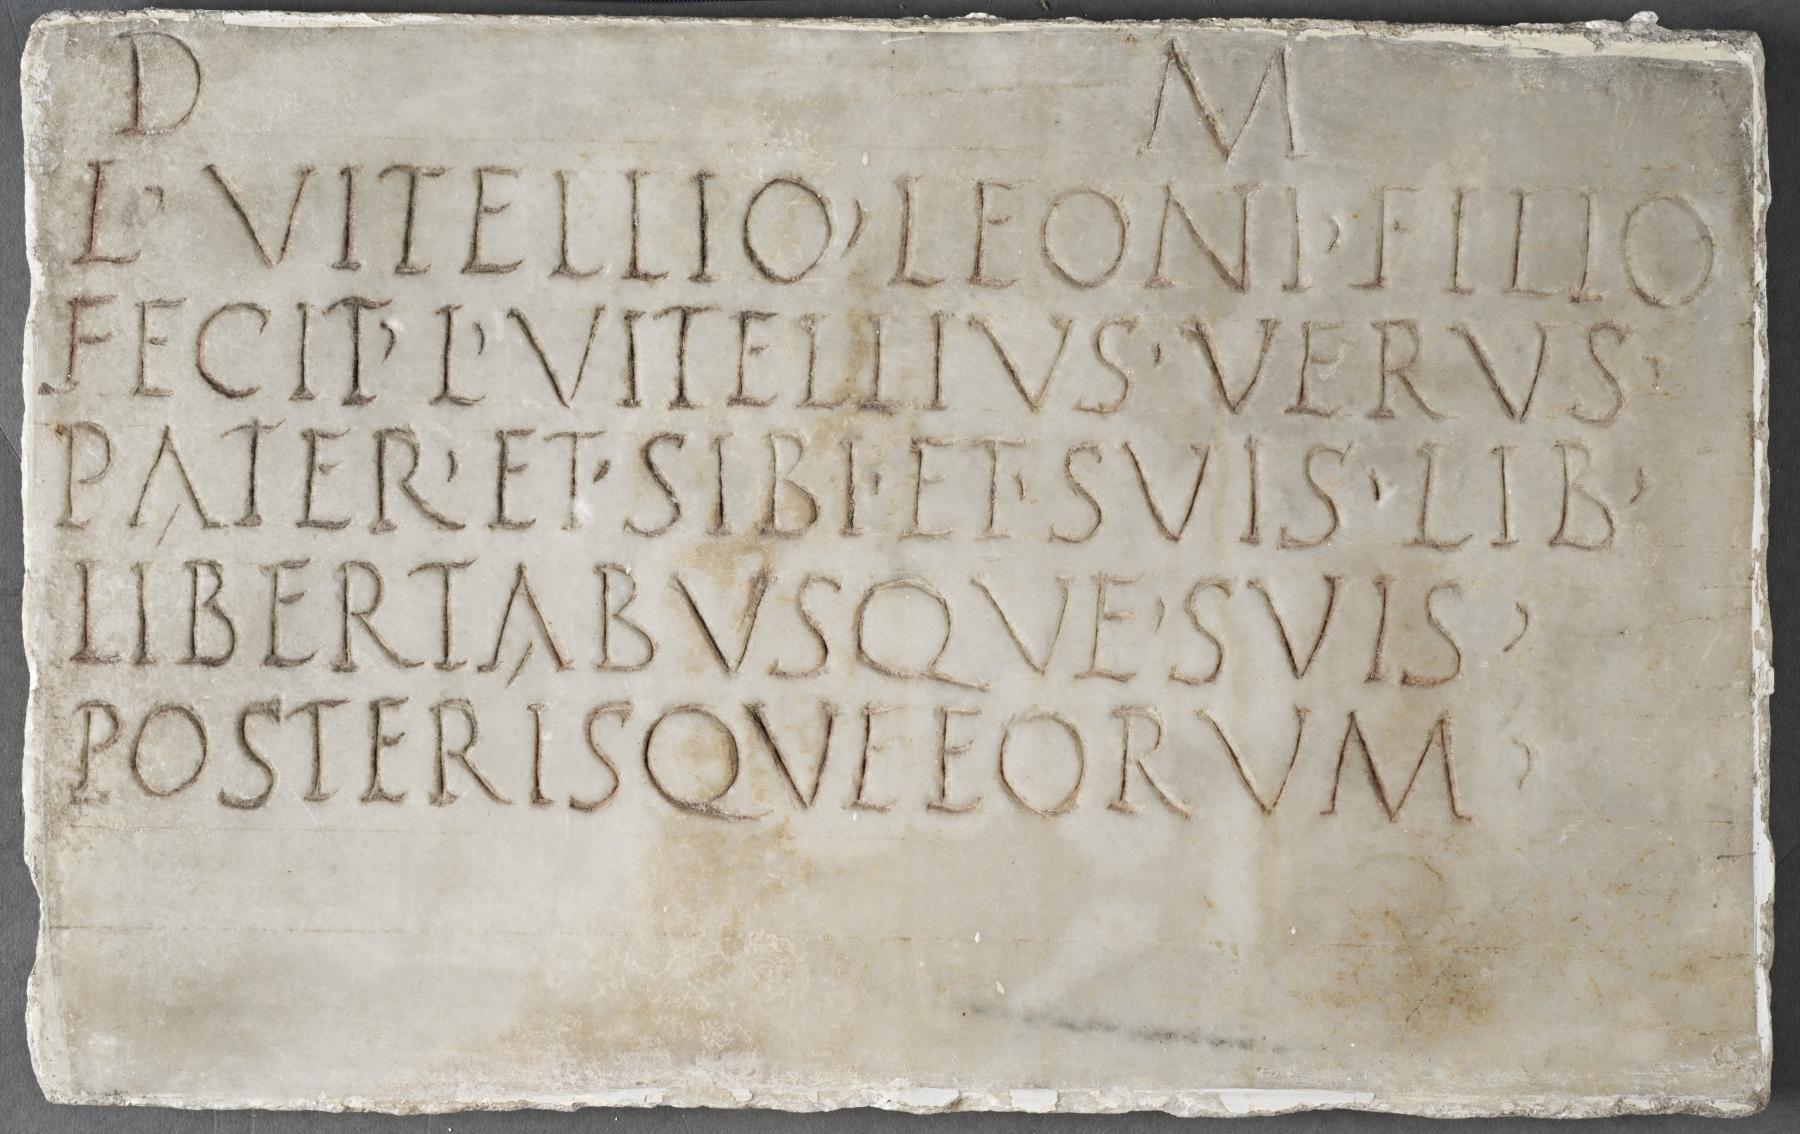 Plaque from a family tomb erected by Lucius Vitellius Verus upon the death of his son Lucius Vitellius Leo